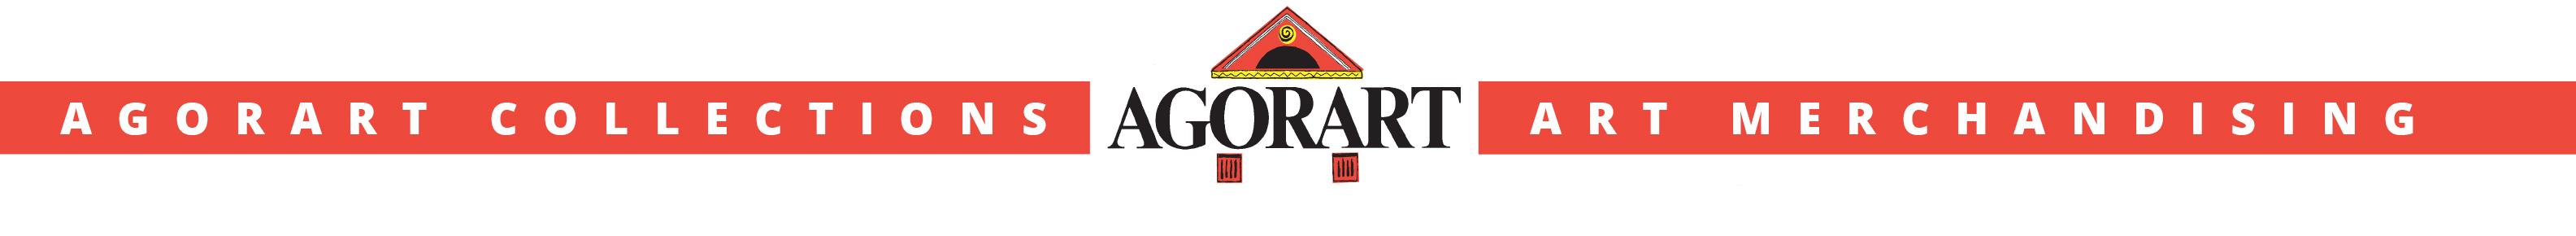 Agorart Collections copia-1